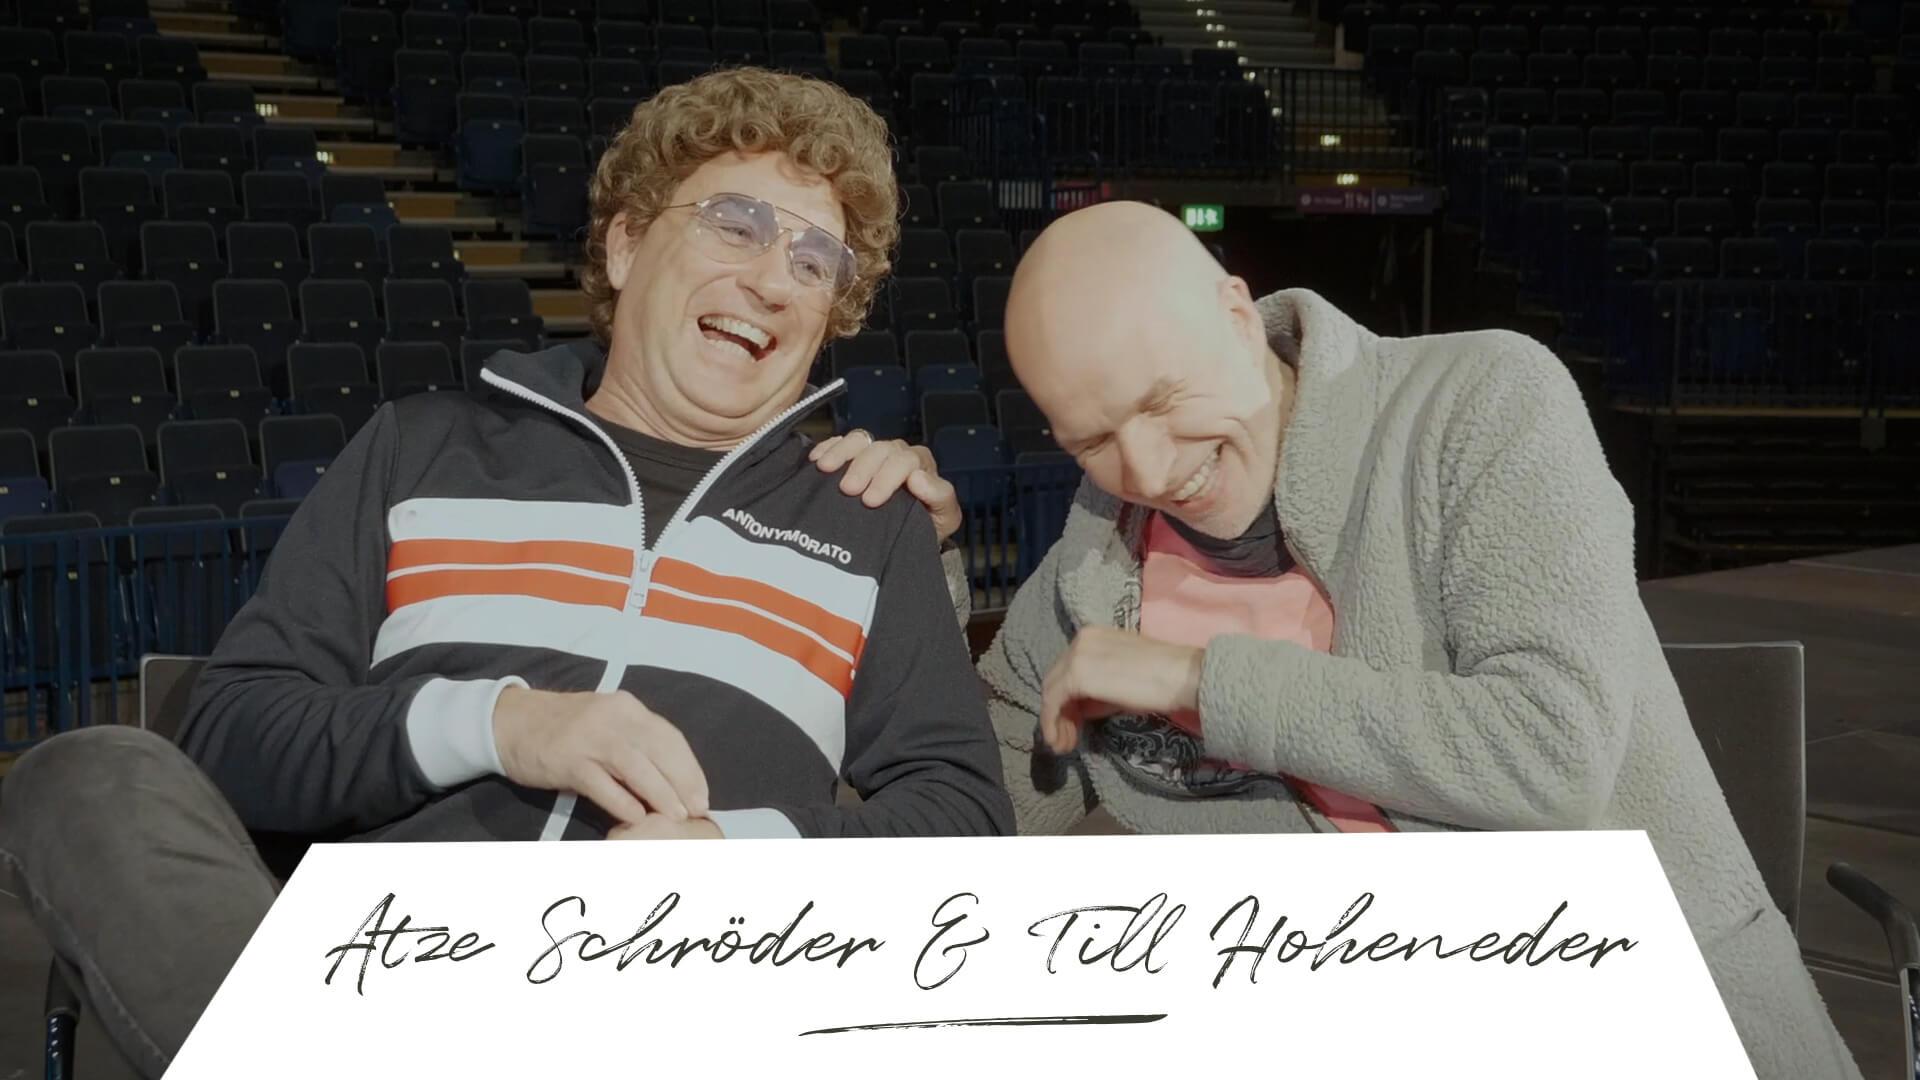 Where is now? Atze Schröder & Till Hoheneder Wegbegleiter